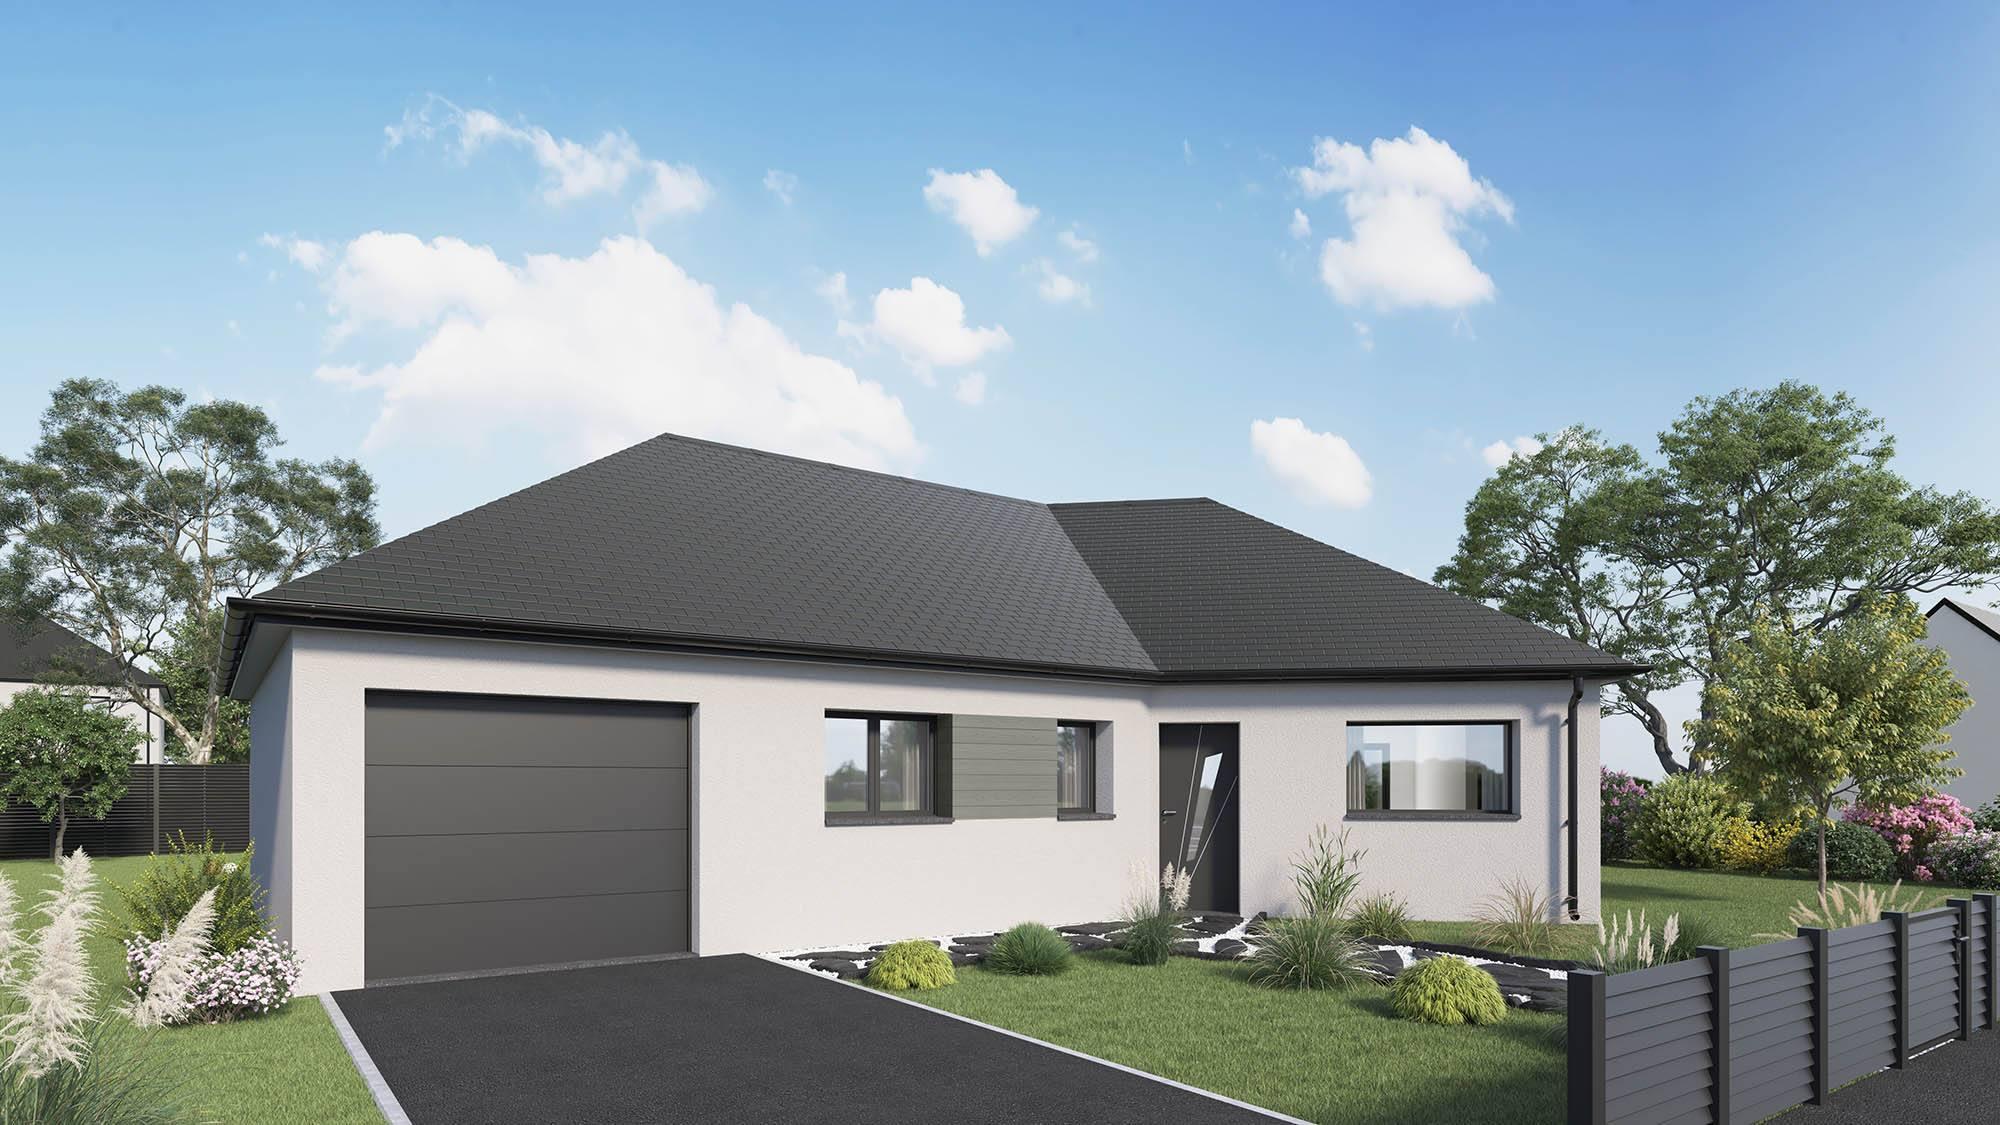 Votre maison + terrain à Noyelles-sous-Bellonne (62)